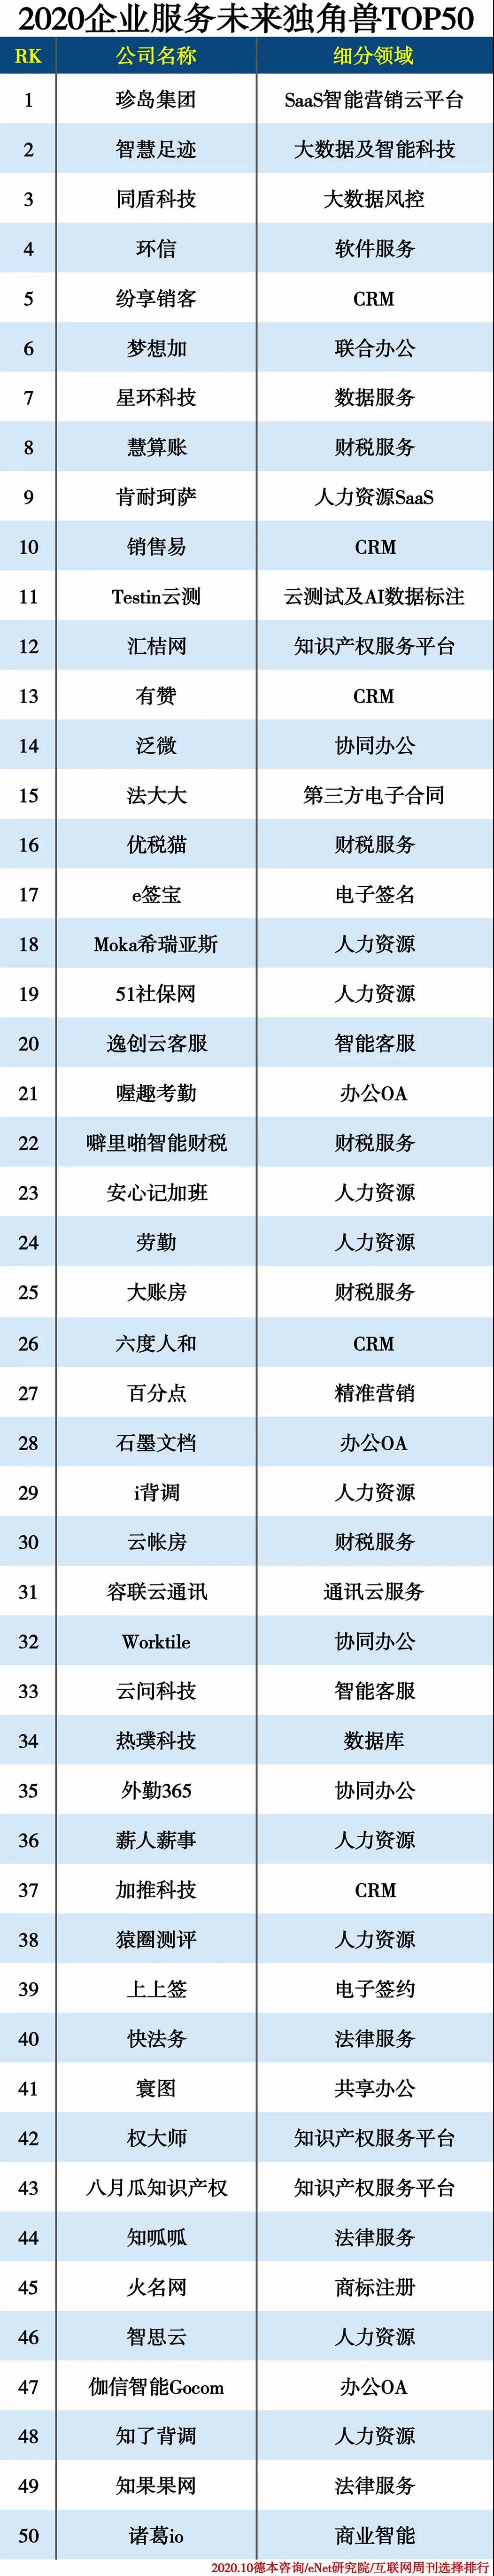 """""""企业服务未来独角兽TOP50""""曝光,云测试、CRM等赛道头部厂商首度集结"""